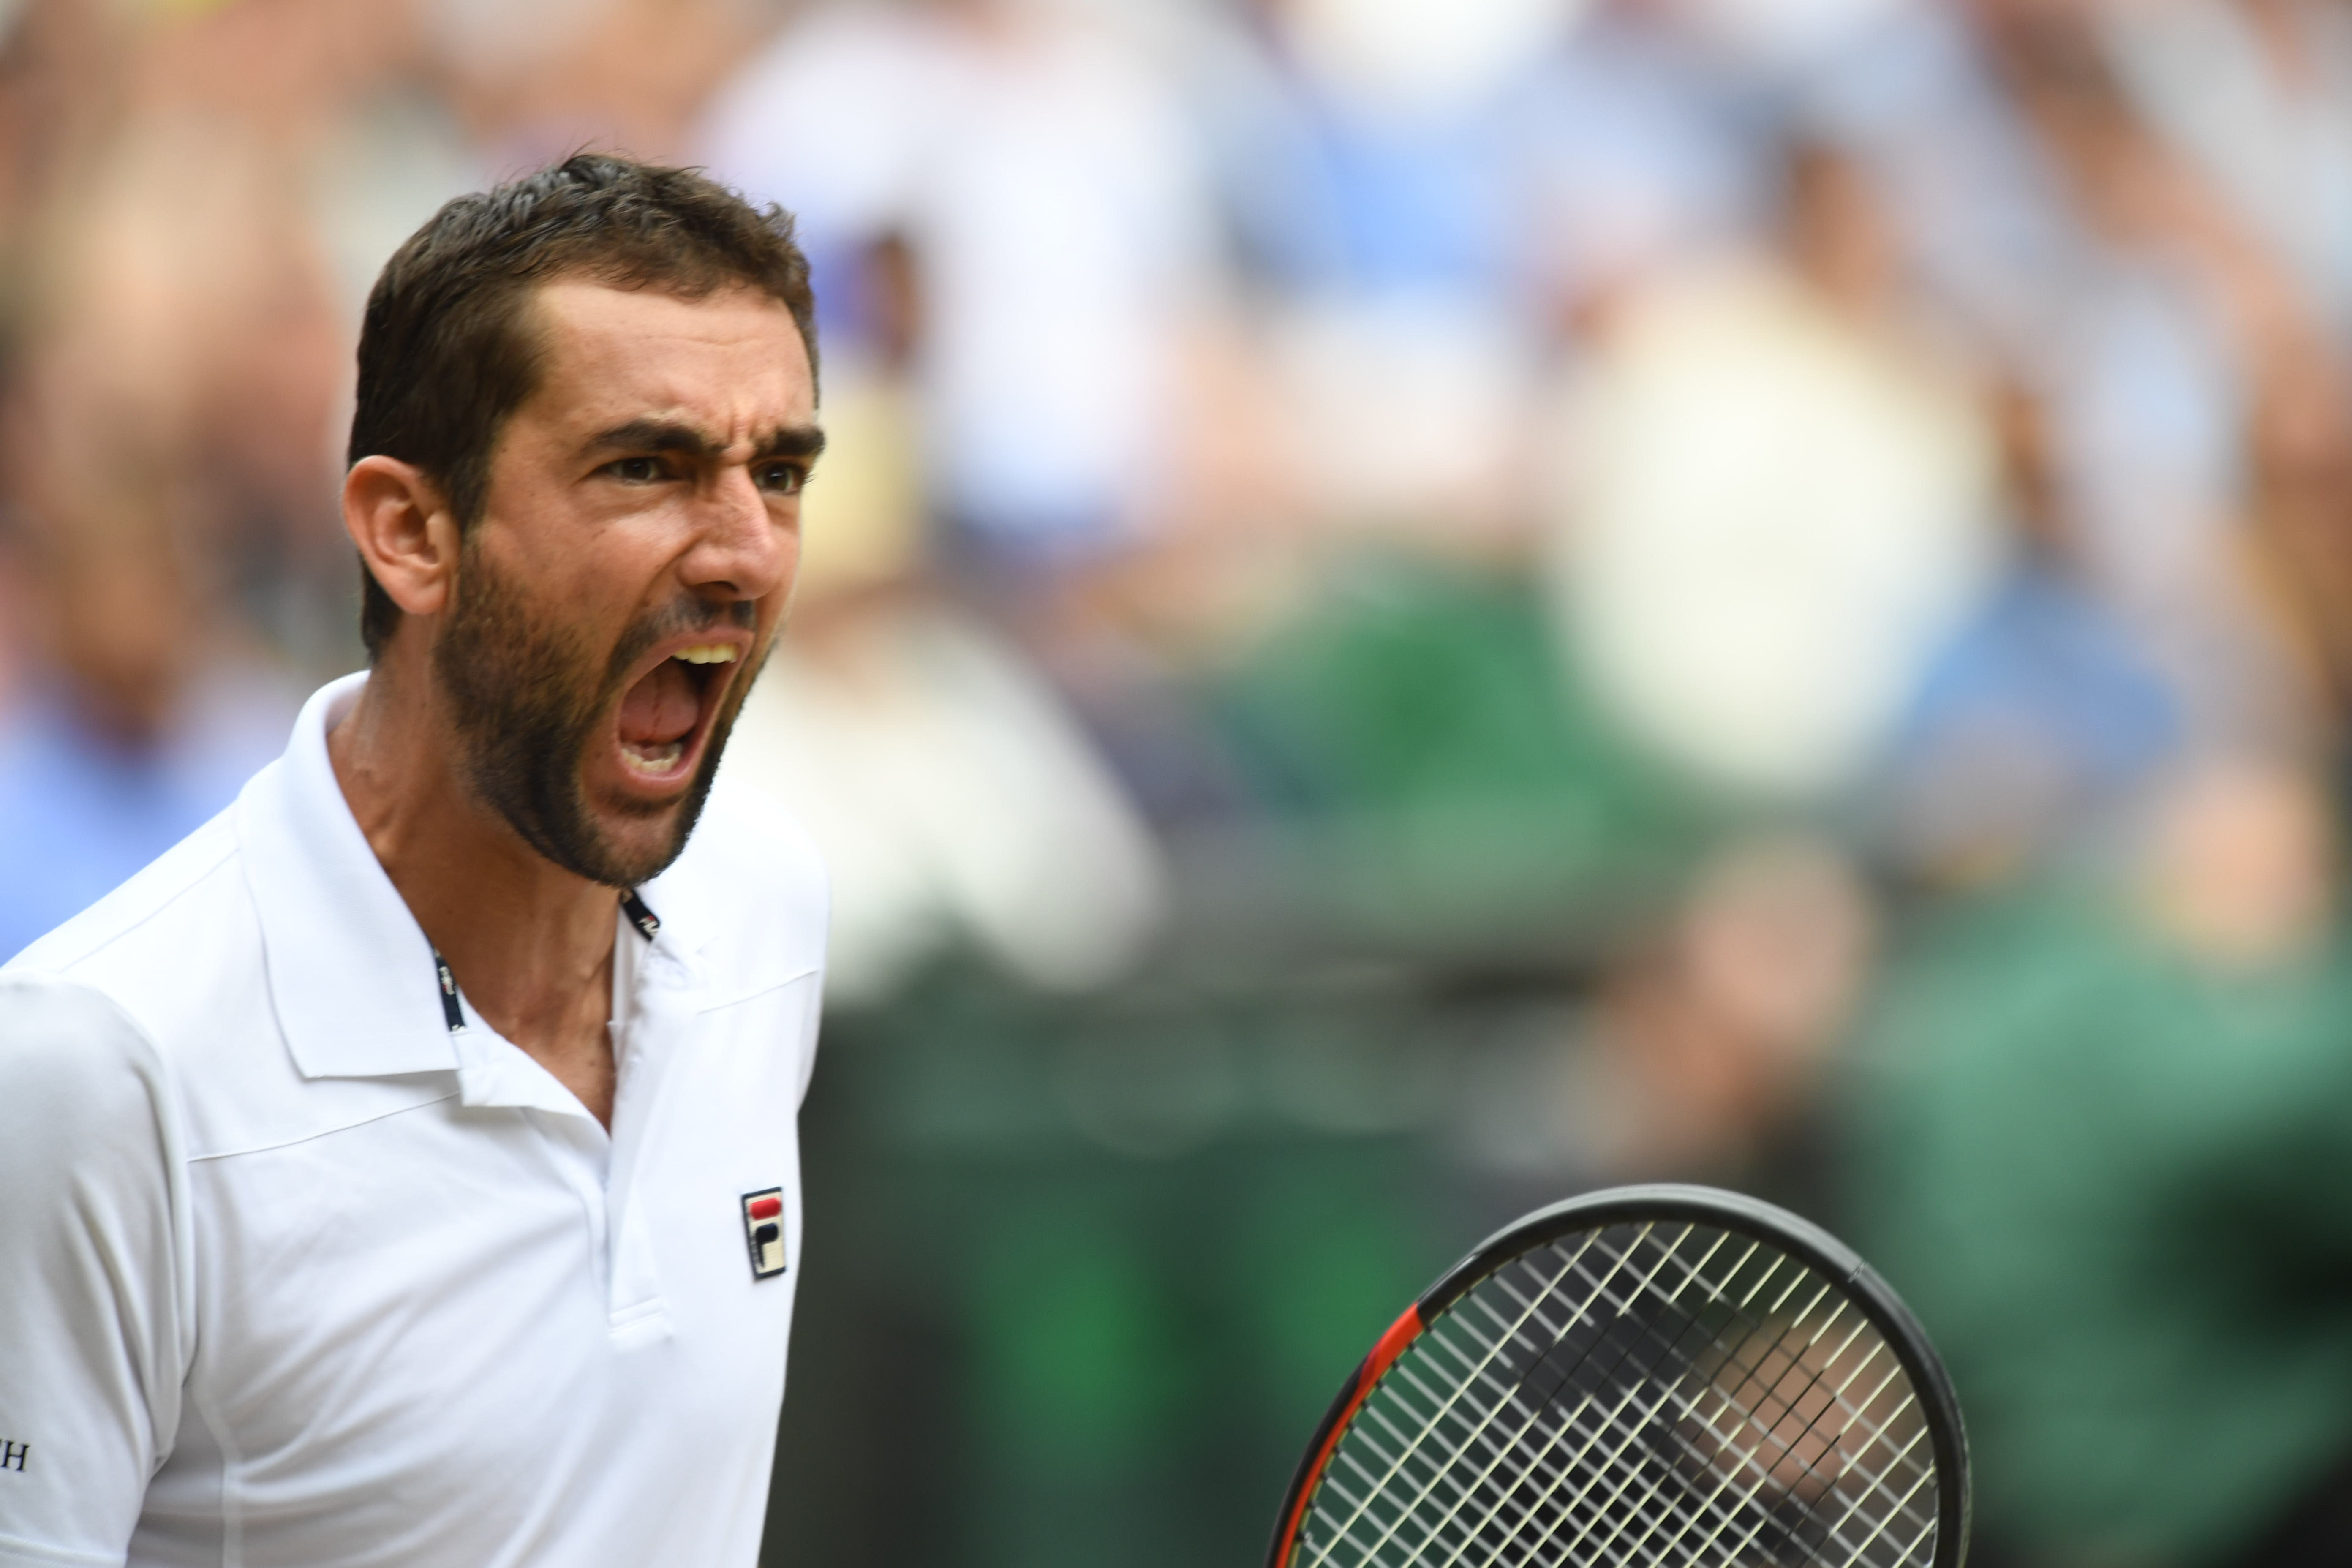 Qui est Marin Cilic, l'homme qui défie le mythe Federer ?  - Wimbledon - Tennis